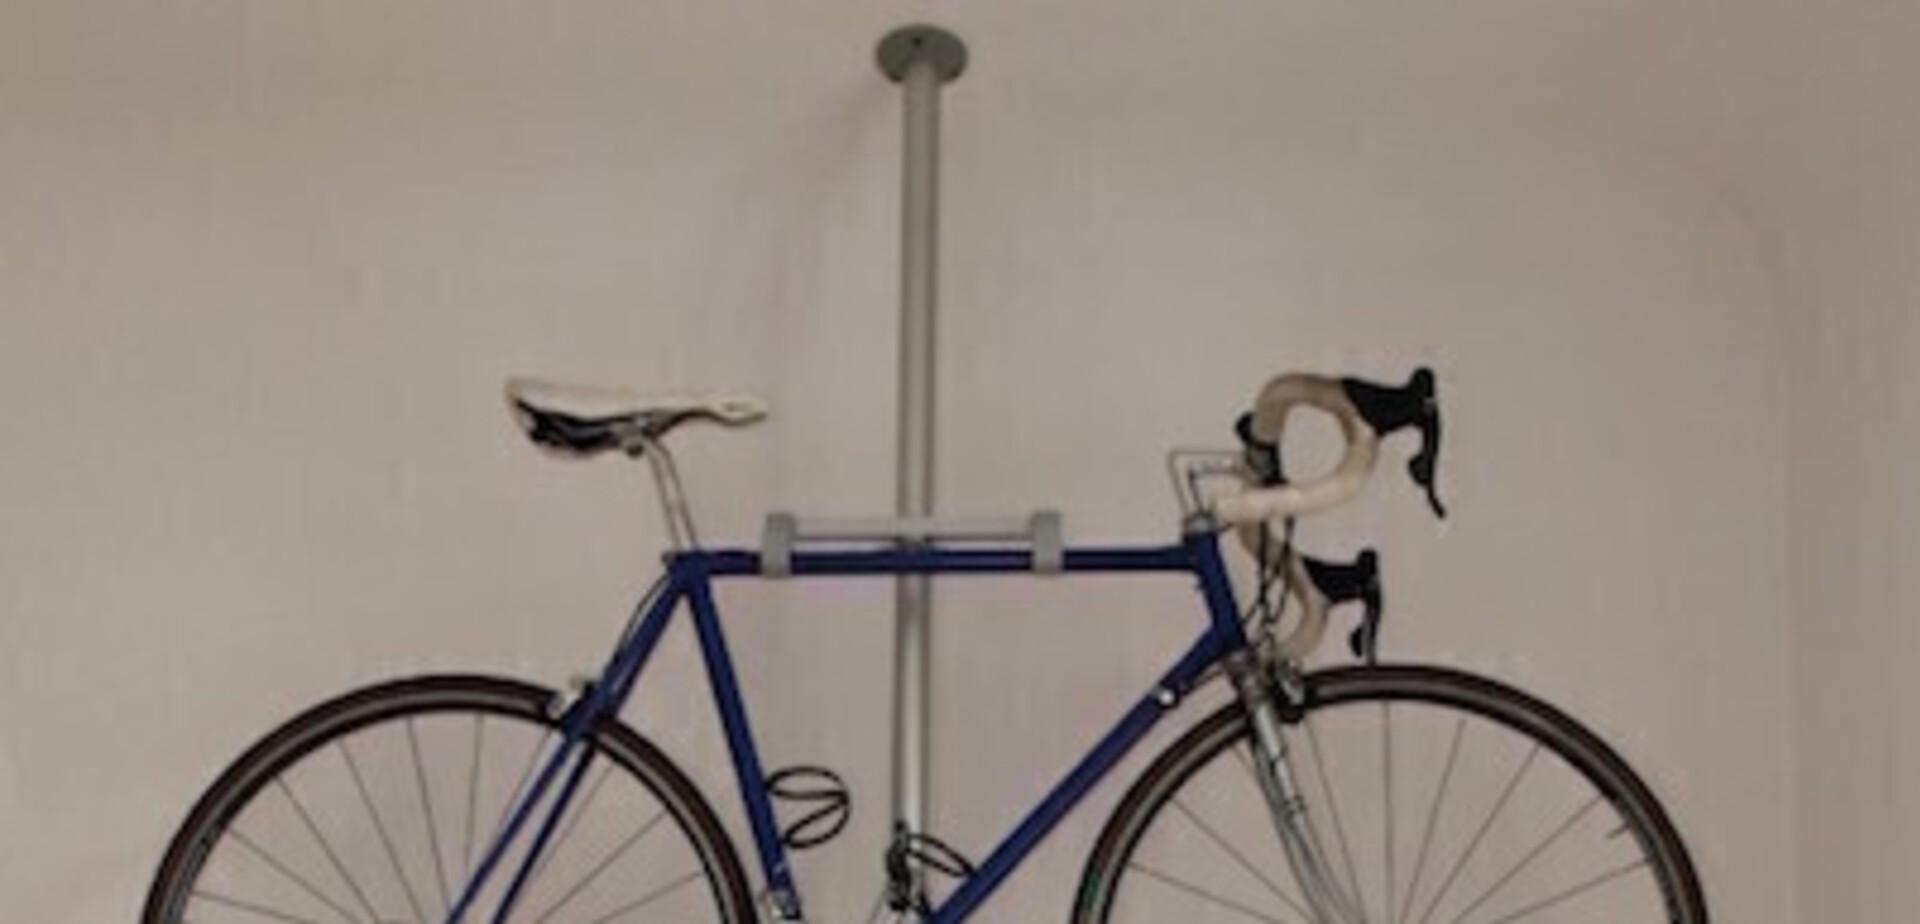 Favoriete Ophangsysteem voor de fiets - Brico | Voor de makers UM55